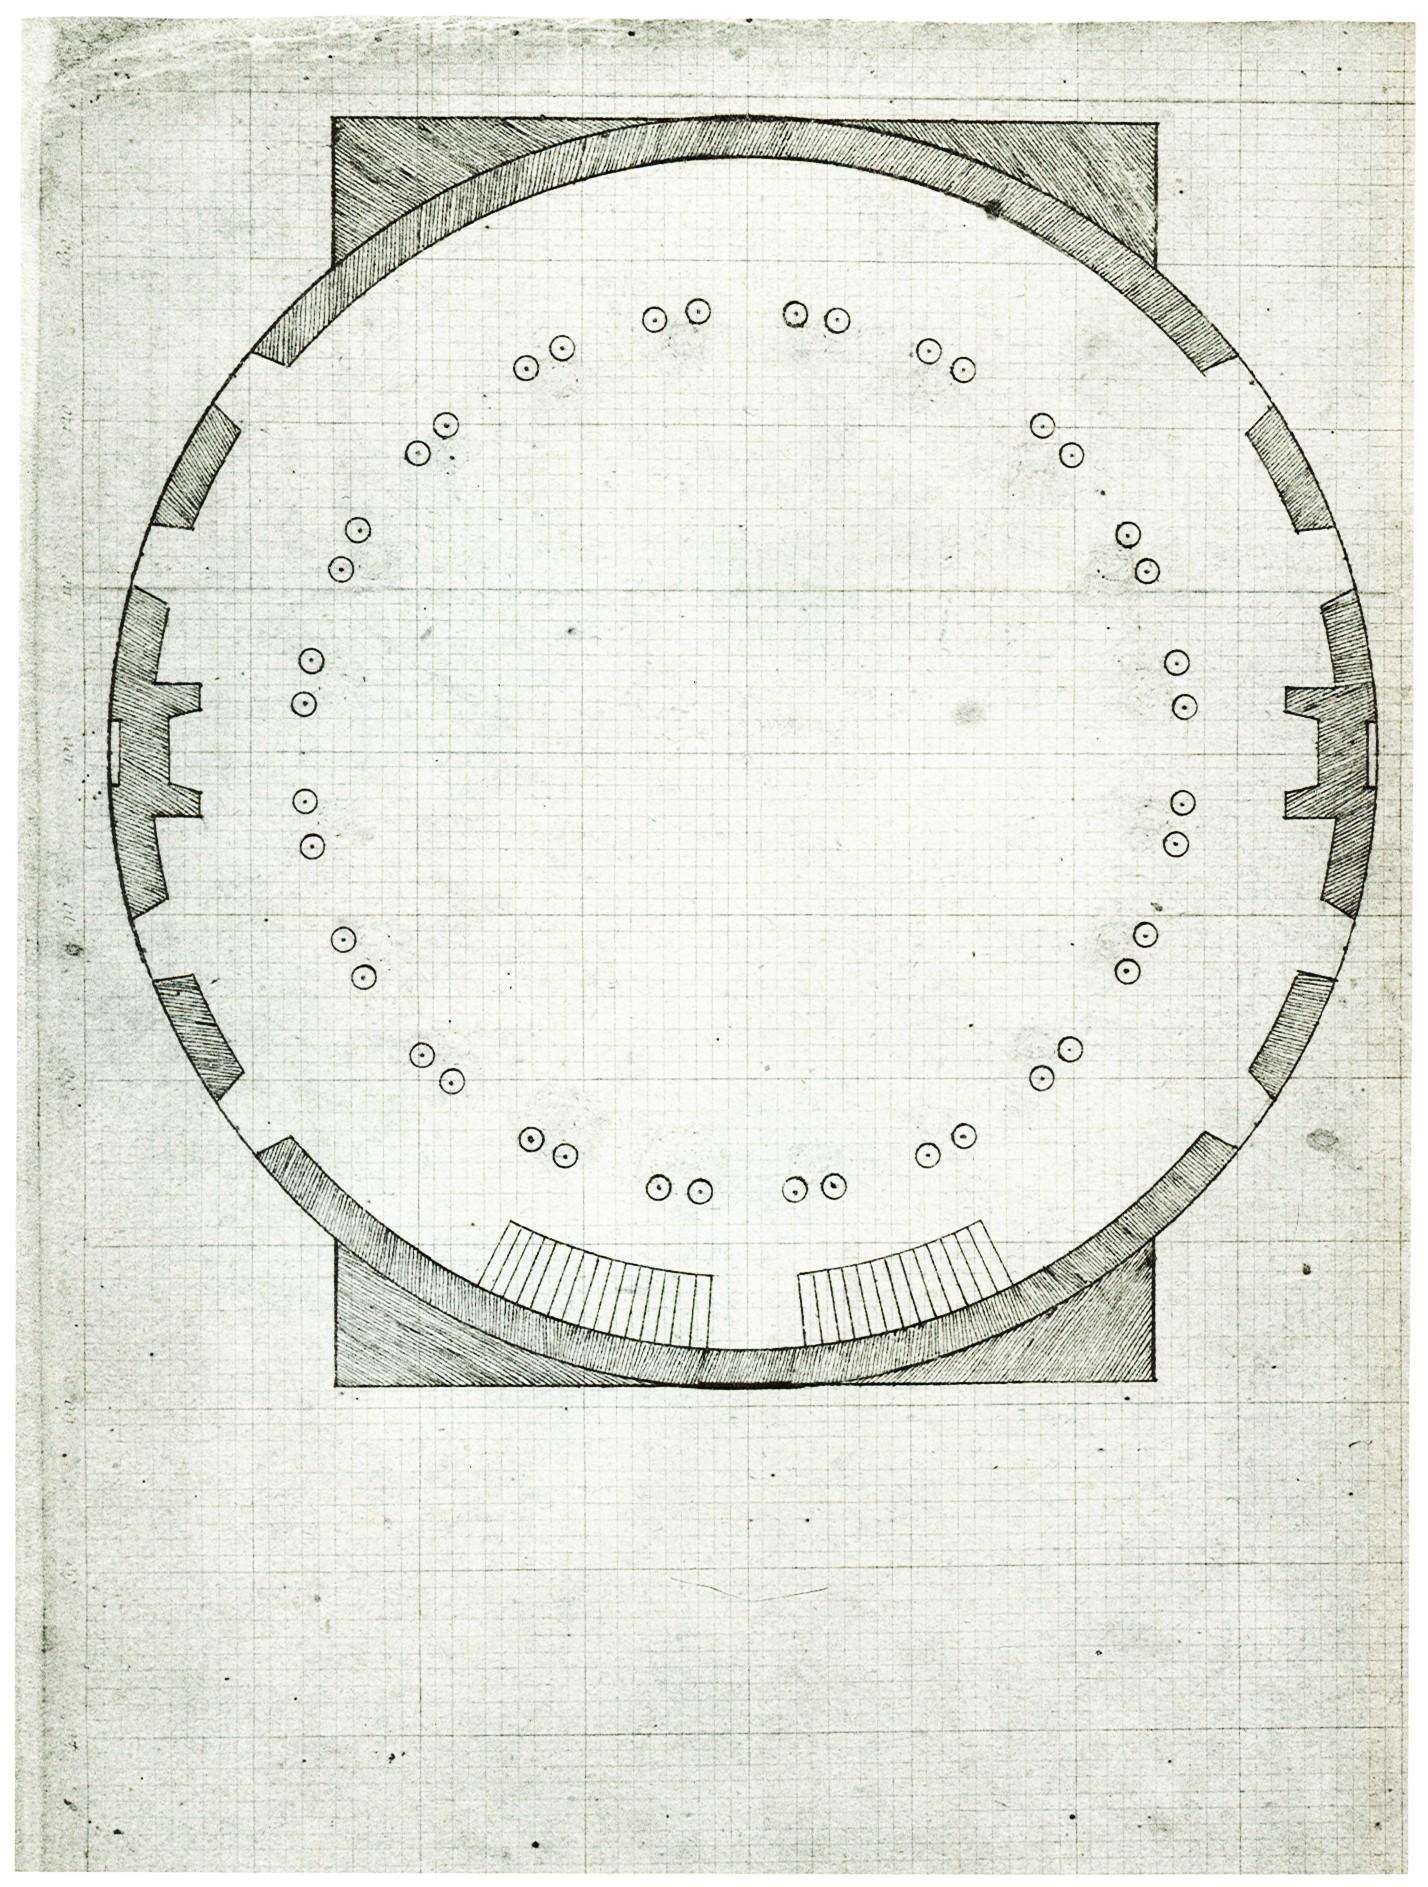 Fileuniversity Of Virginia Rotunda Plan Dome Roomjpg Wikimedia